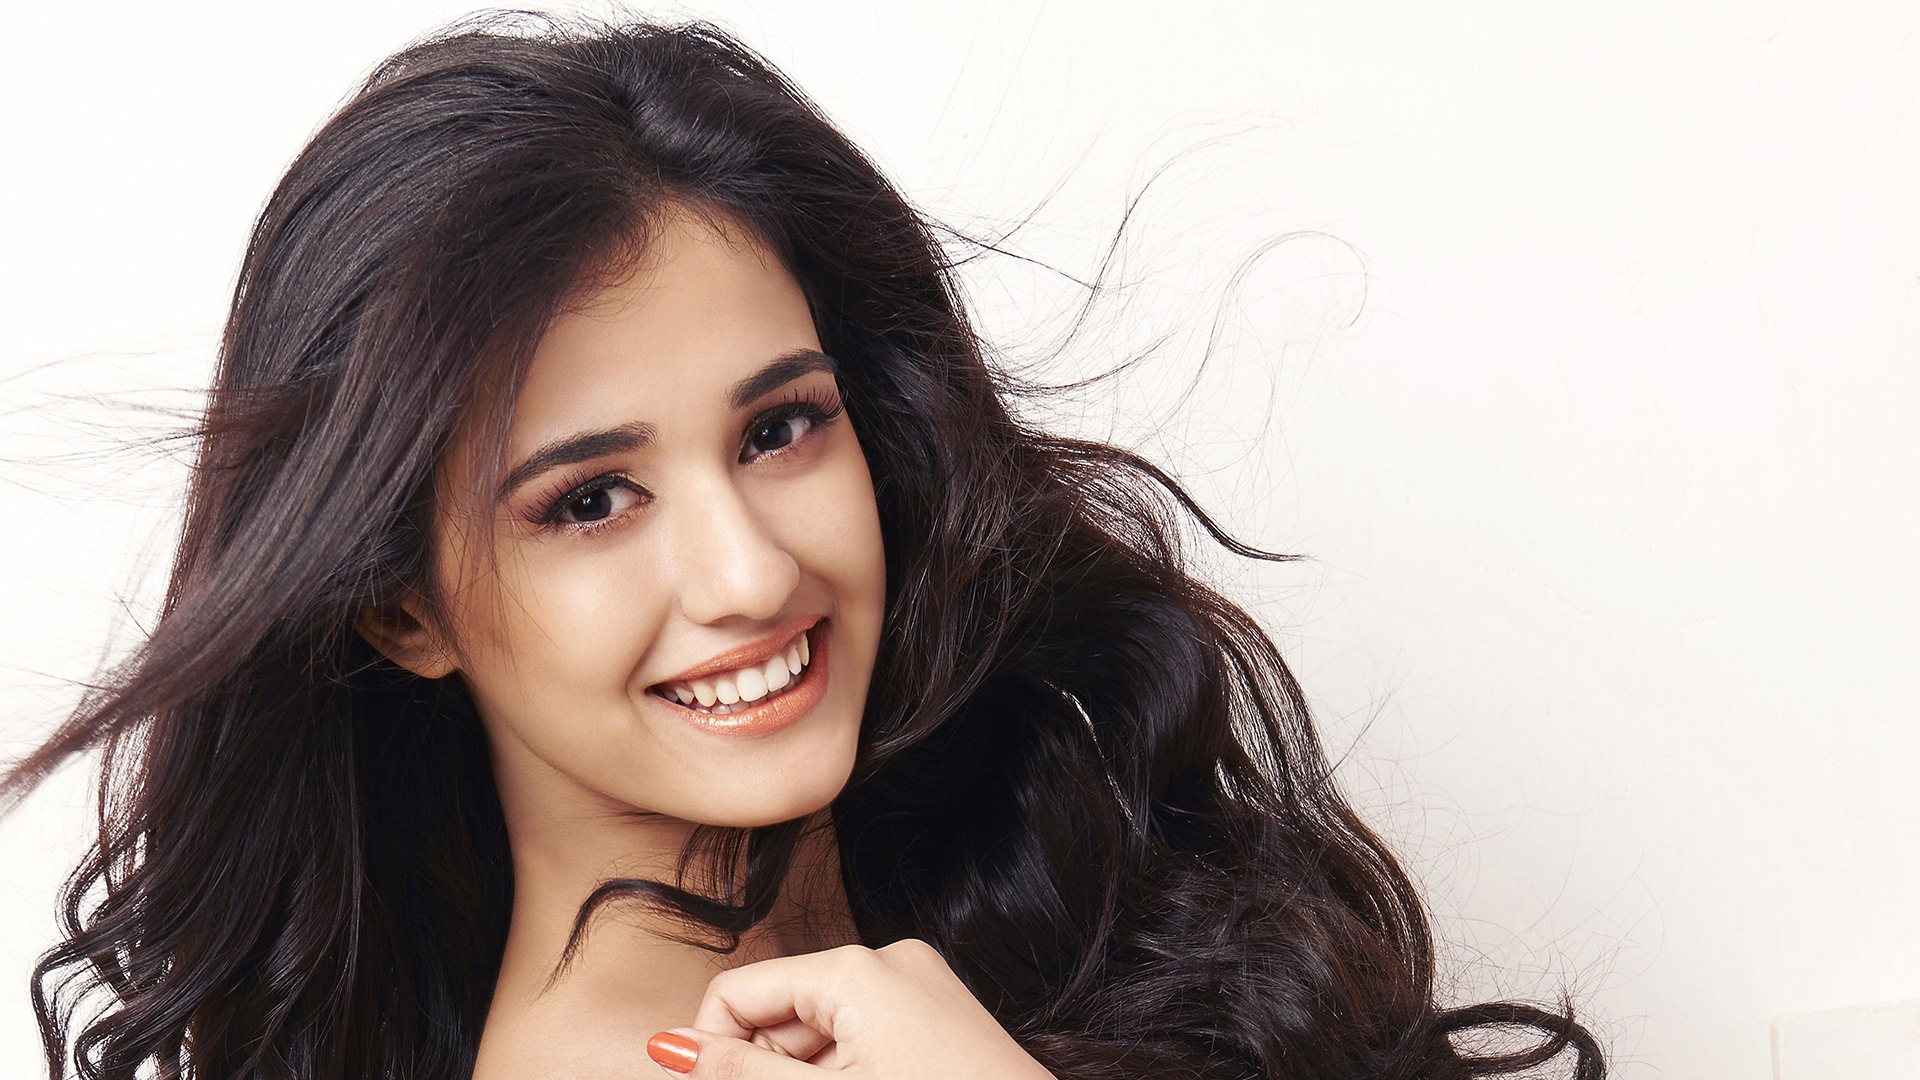 Wallpaper Disha Patani, Beautiful Indian Actress